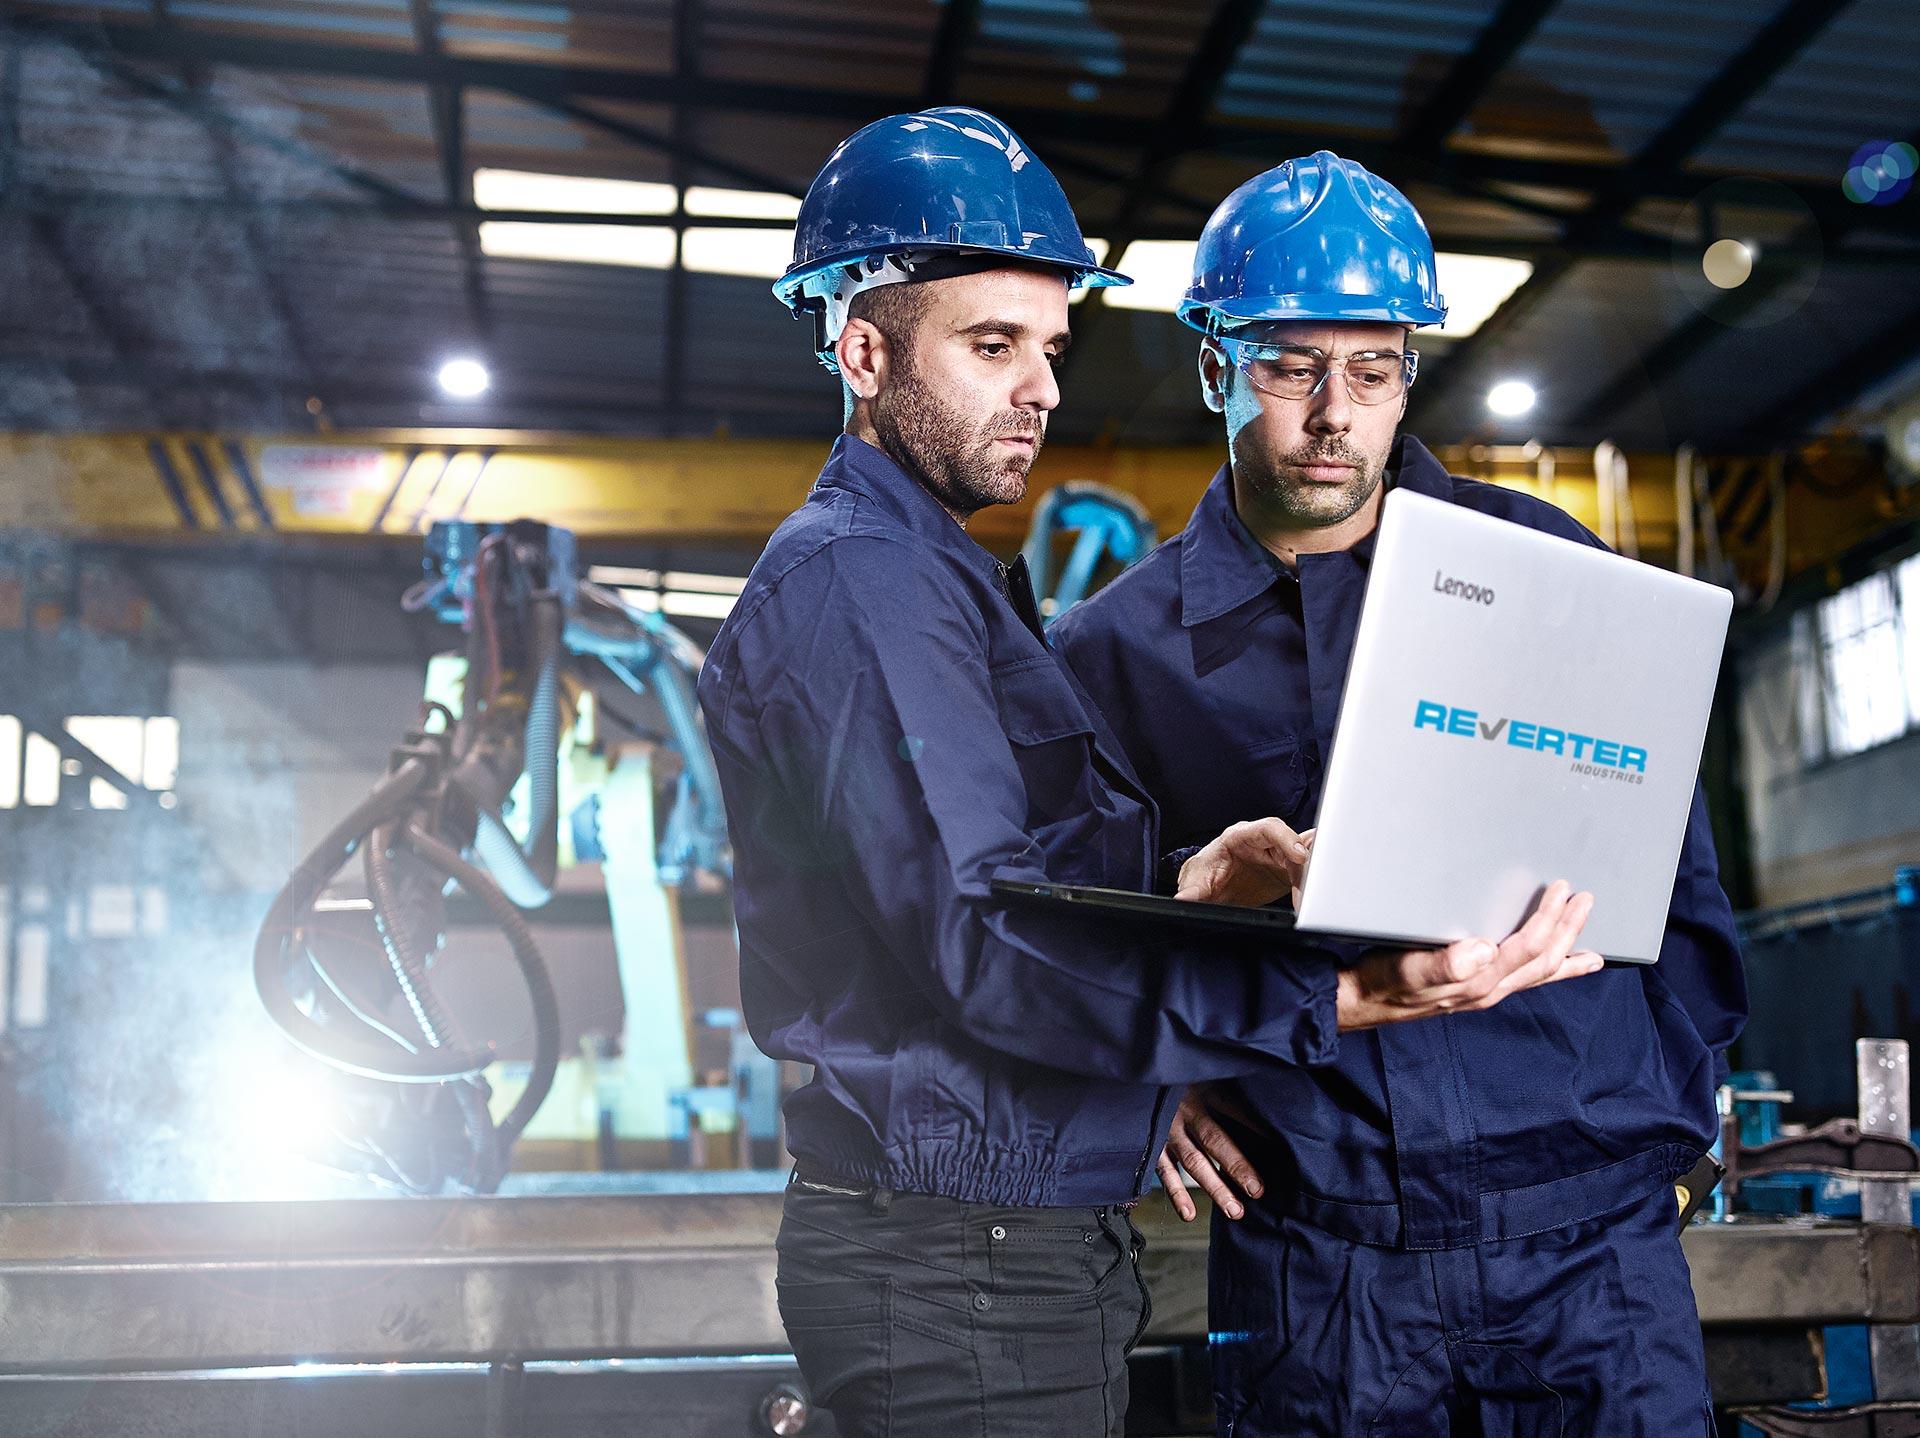 Reverter Industries